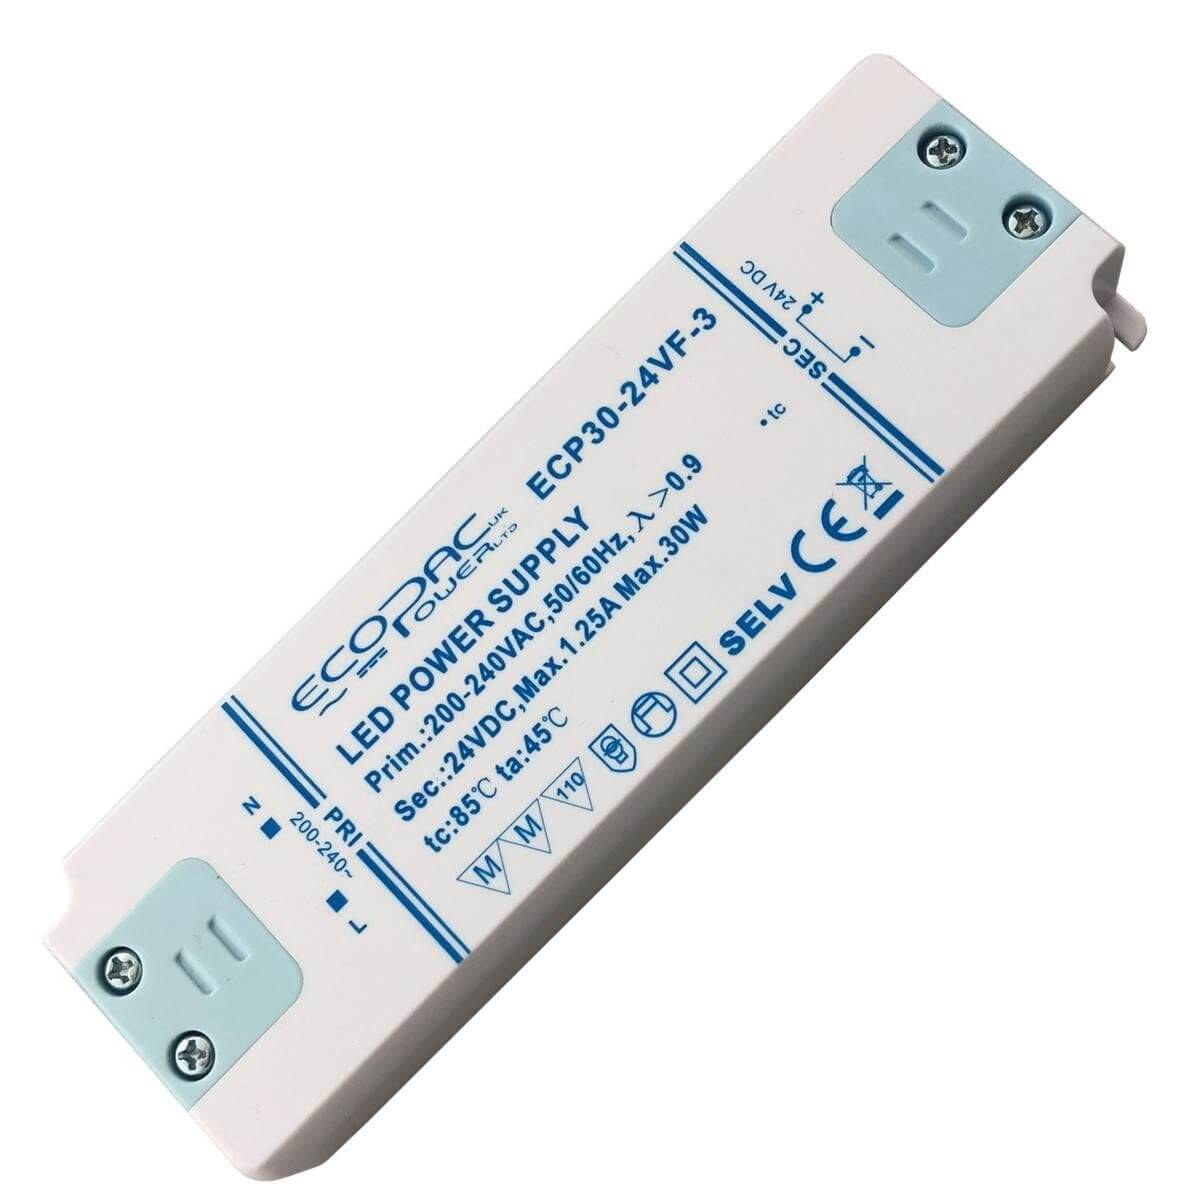 Simple Lighting 24v Slimline 30 Watt LED Driver